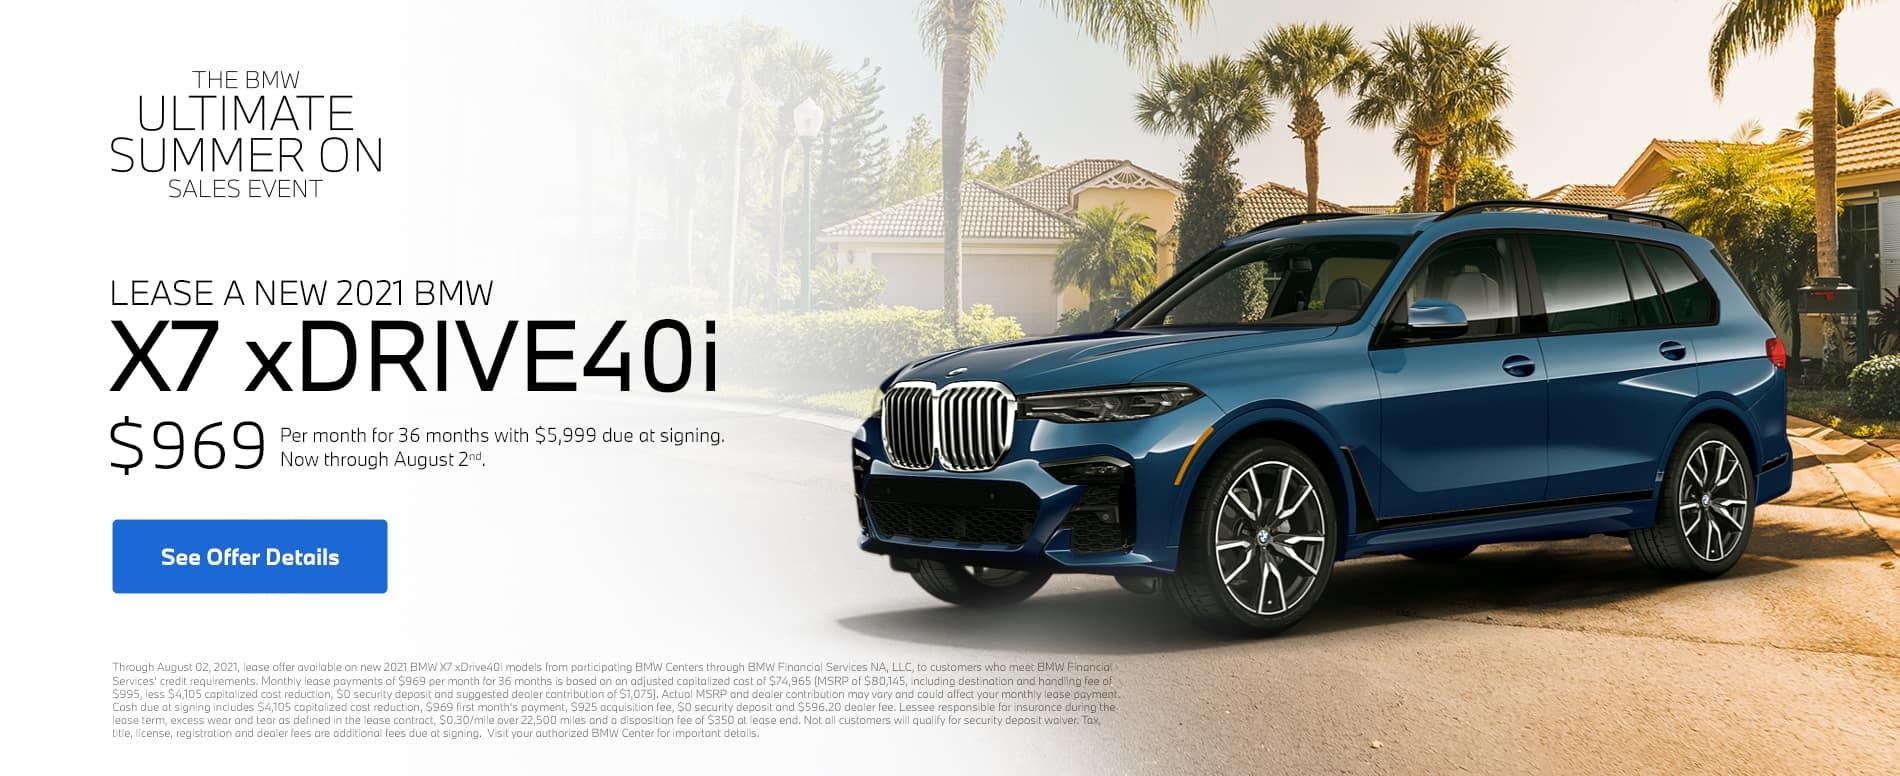 BMW-X7-Lease-july-Webslide-alt